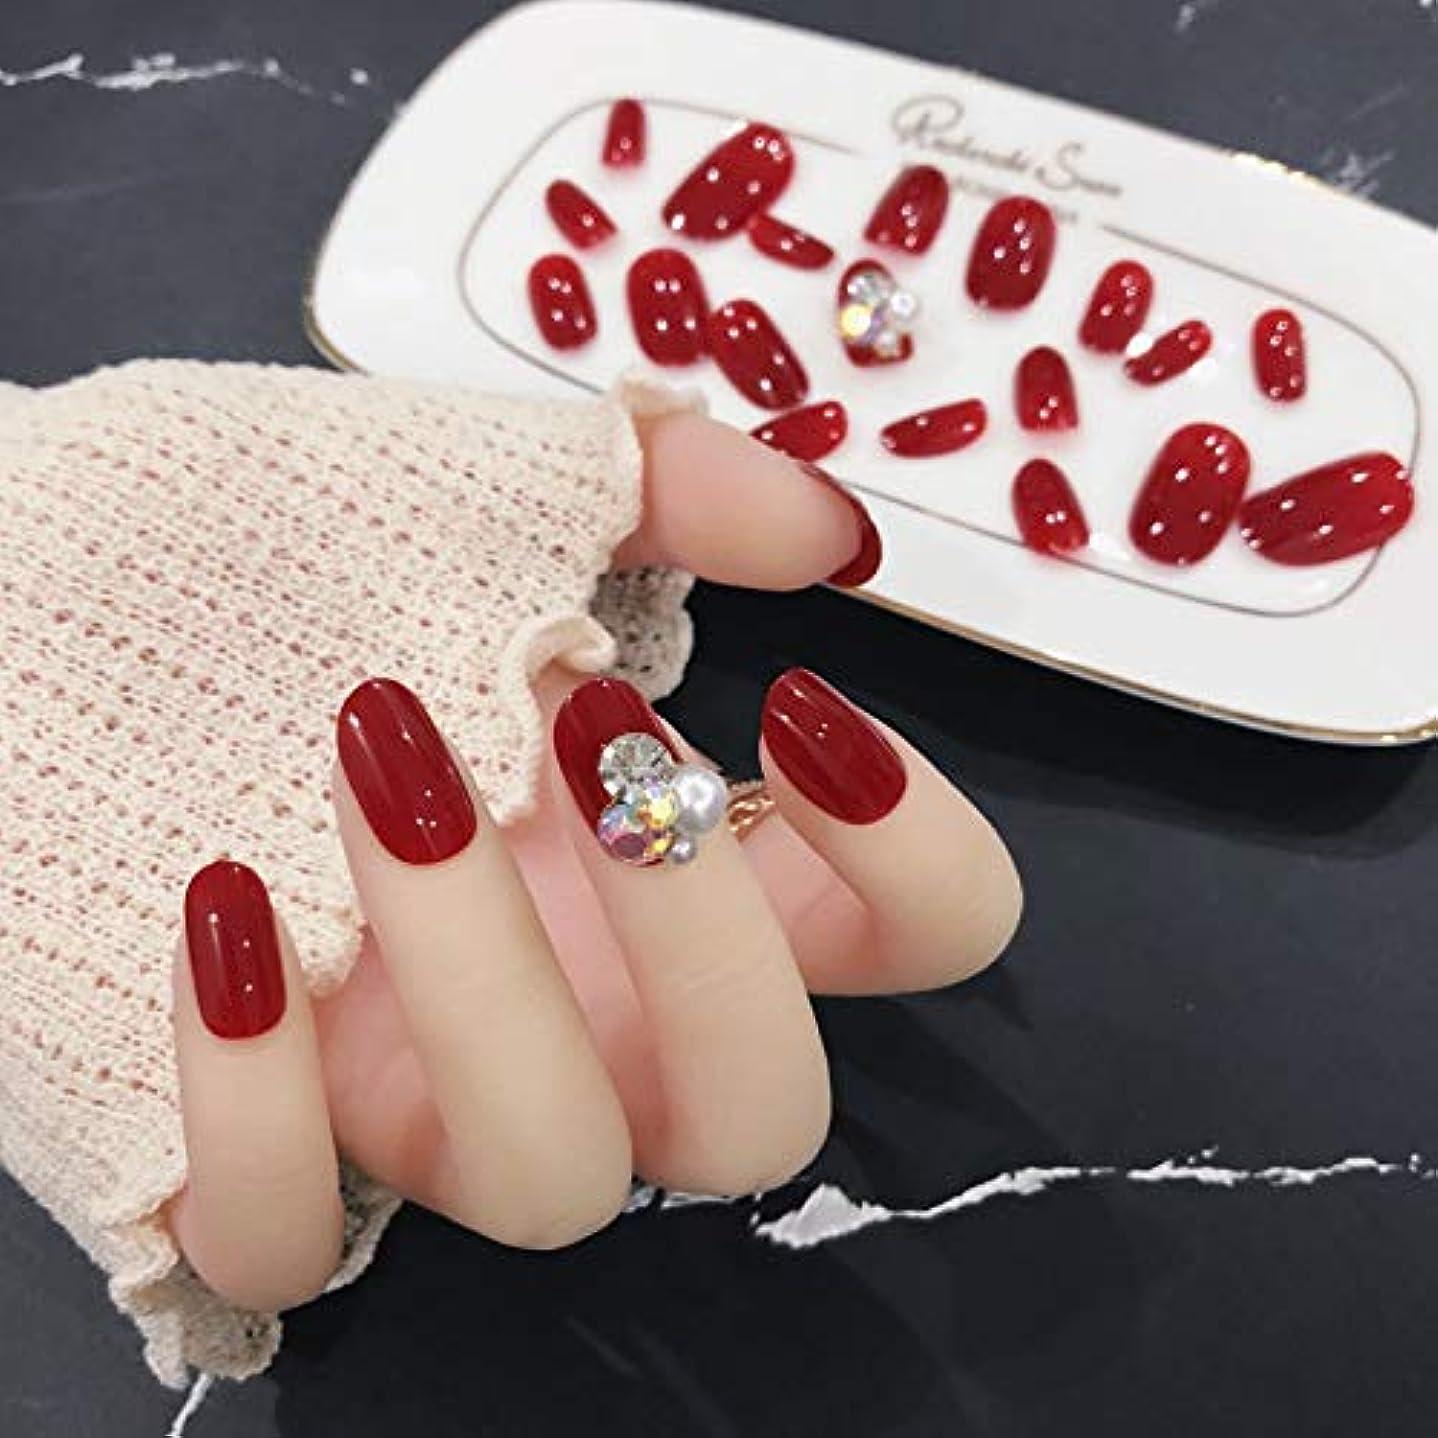 治す金銭的政令24枚純色付け爪 合成ダイヤモンド、パール装飾 ネイル貼るだけネイルチップ お花嫁付け爪